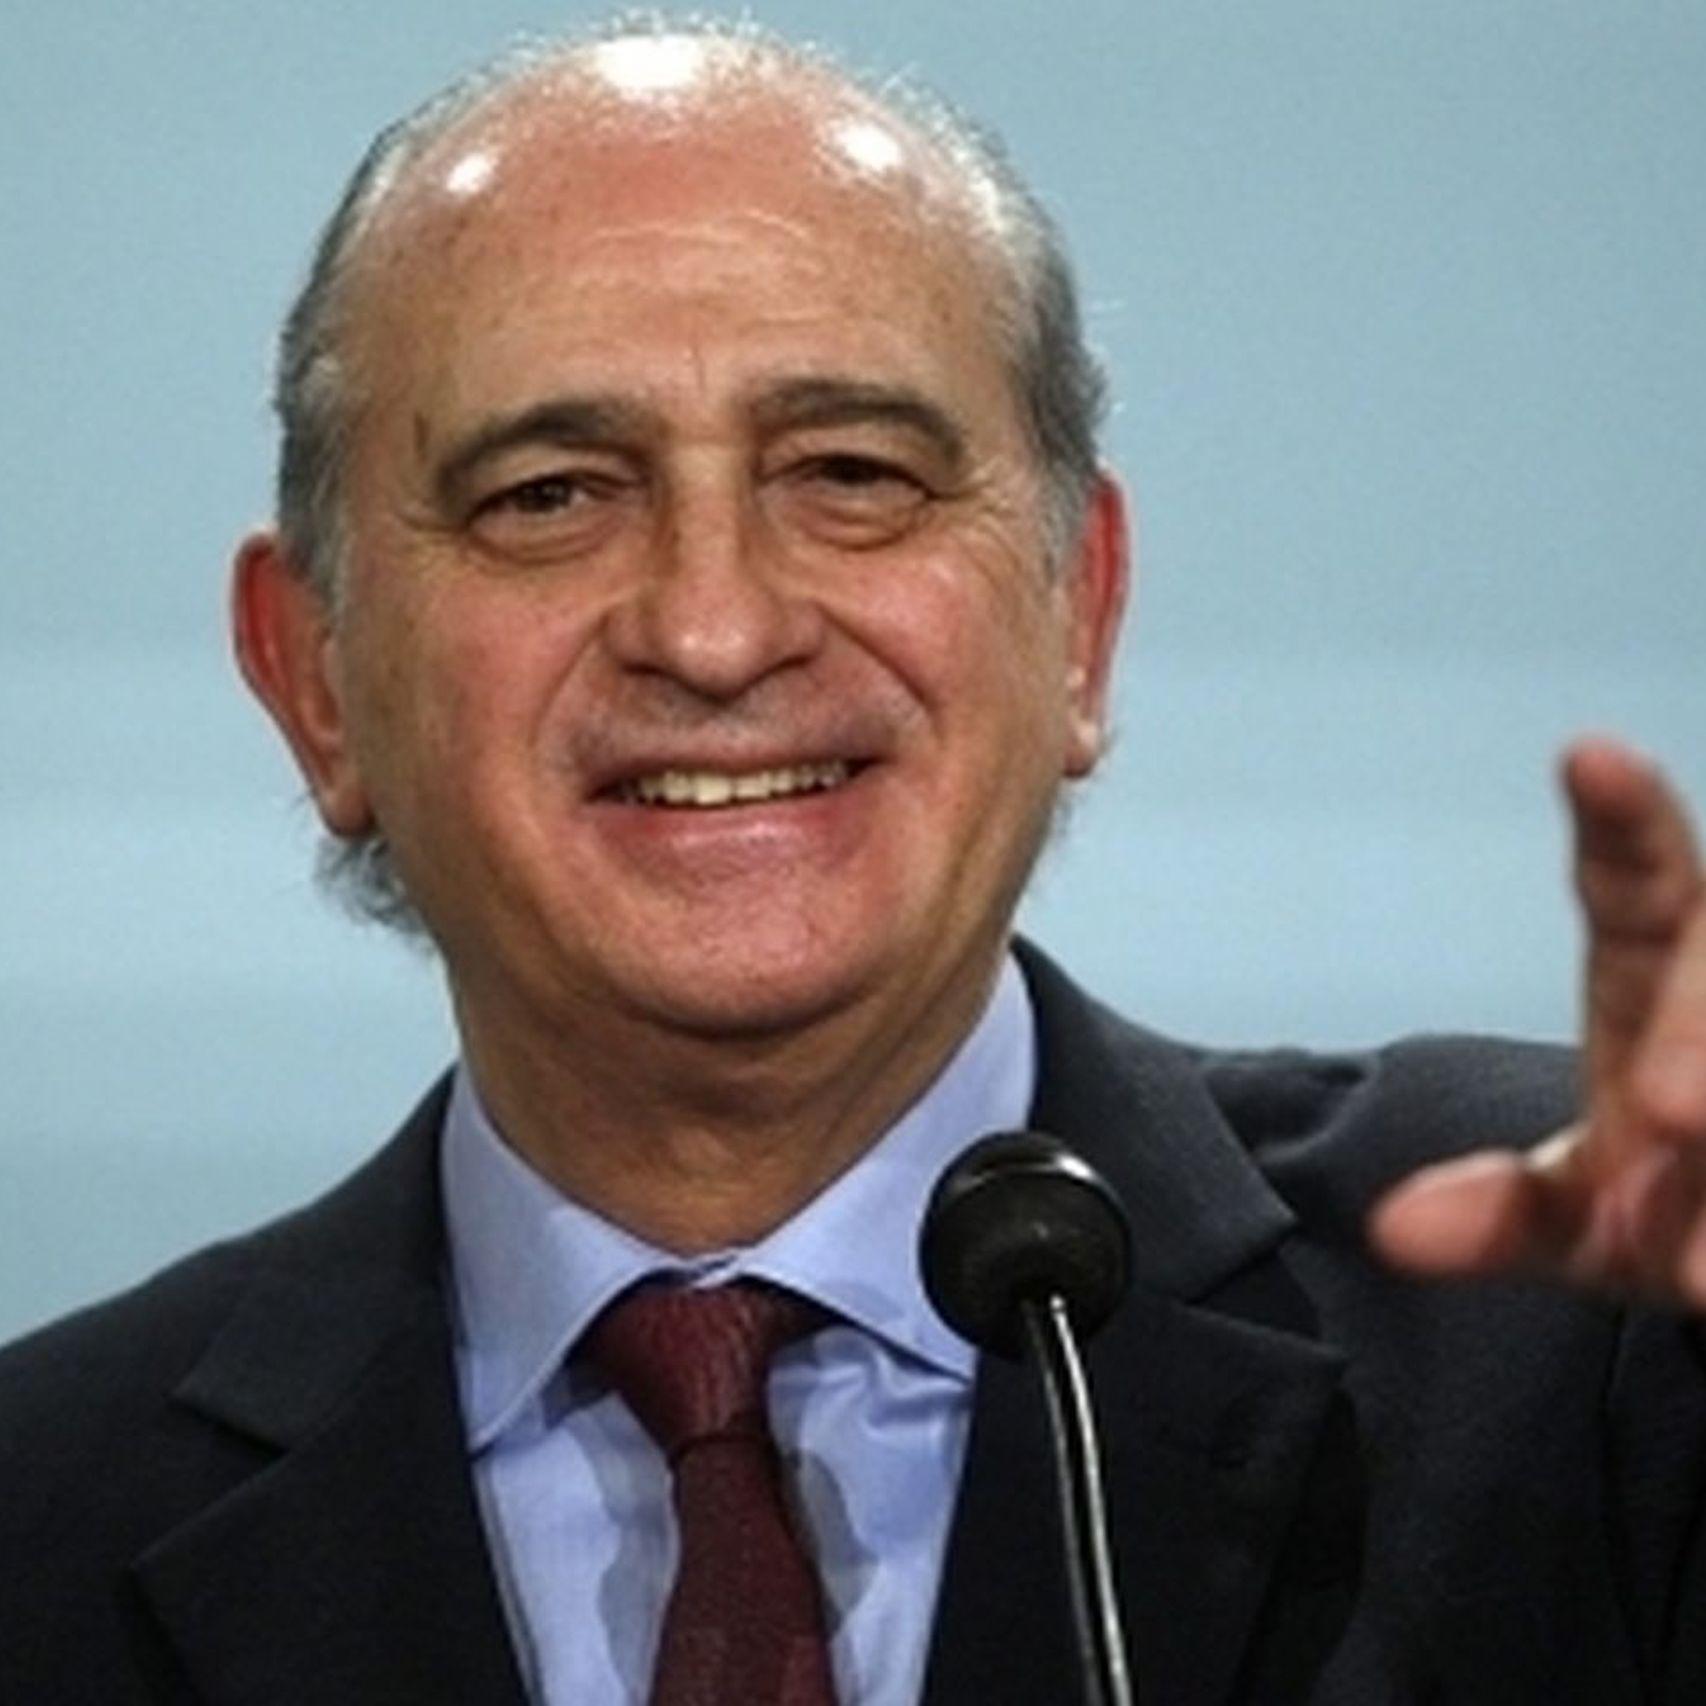 Imputat el policia espanyol que va pressionar la secretària del consell de BPA